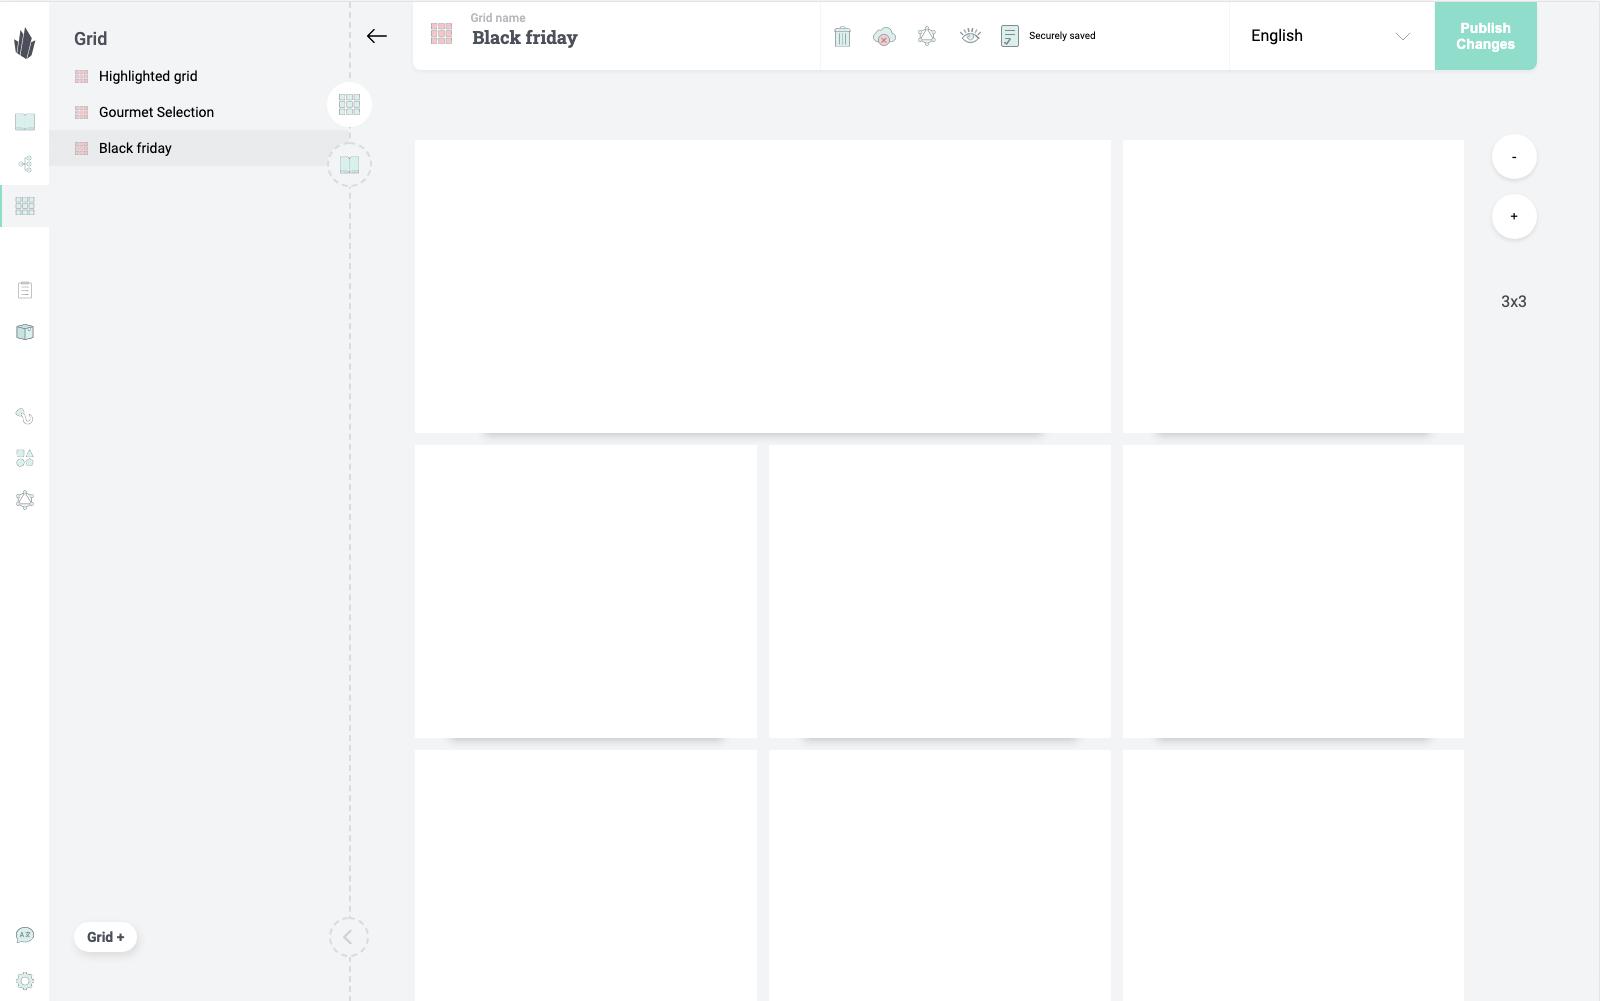 Custom defined grid organizer